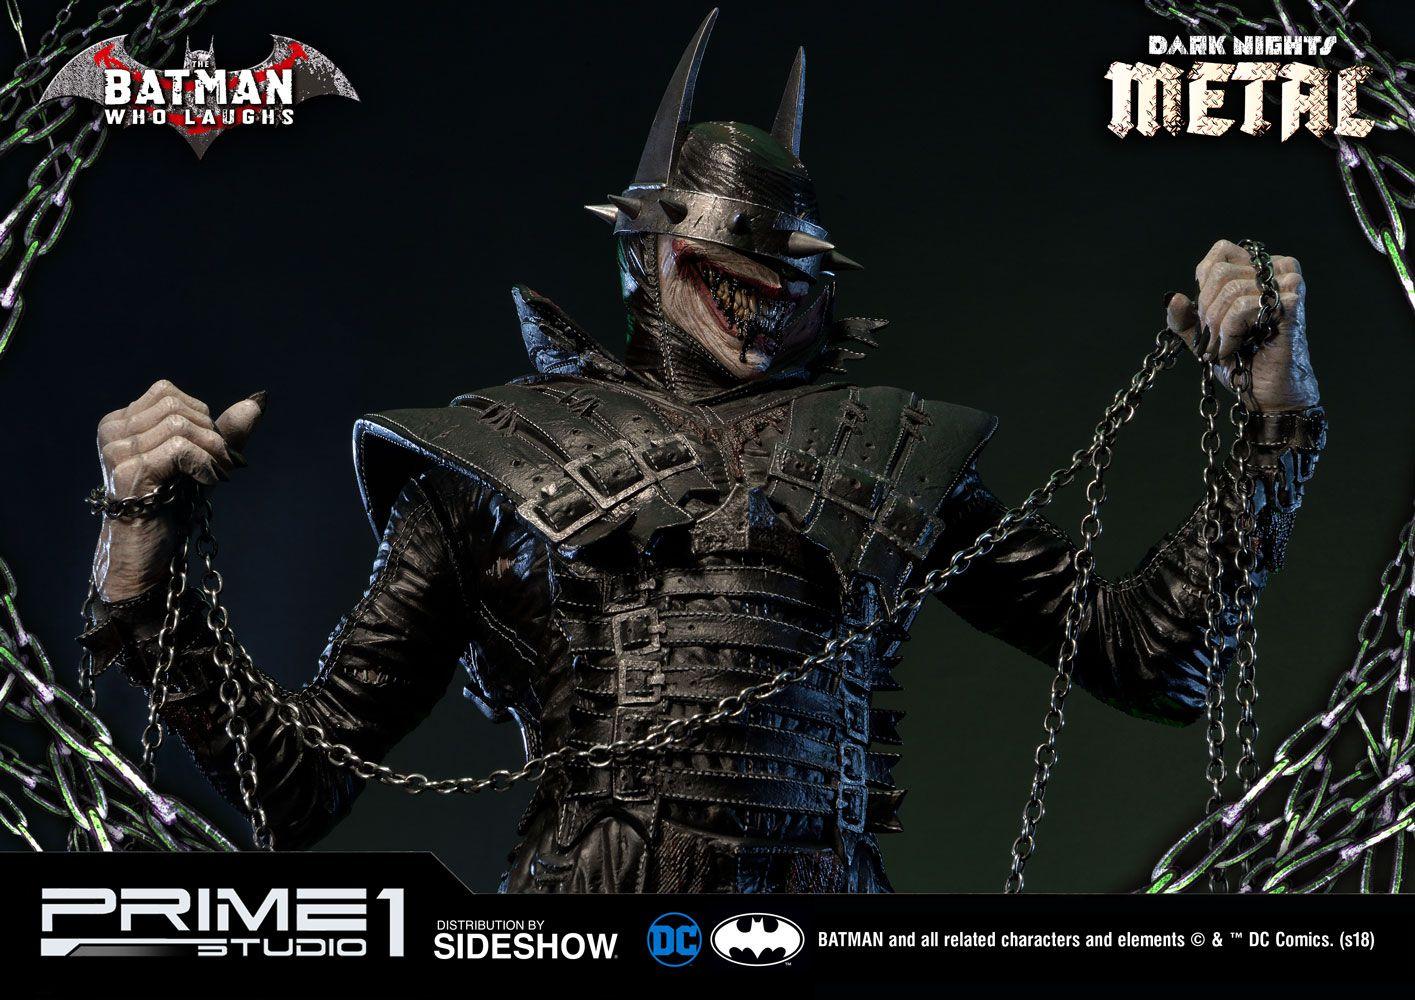 PRÉ VENDA: Estátua Batman Que Ri (Who Laughs): Noites de Trevas: Metal (Dark Nights: Metal) DC Comics - Prime 1 Studio